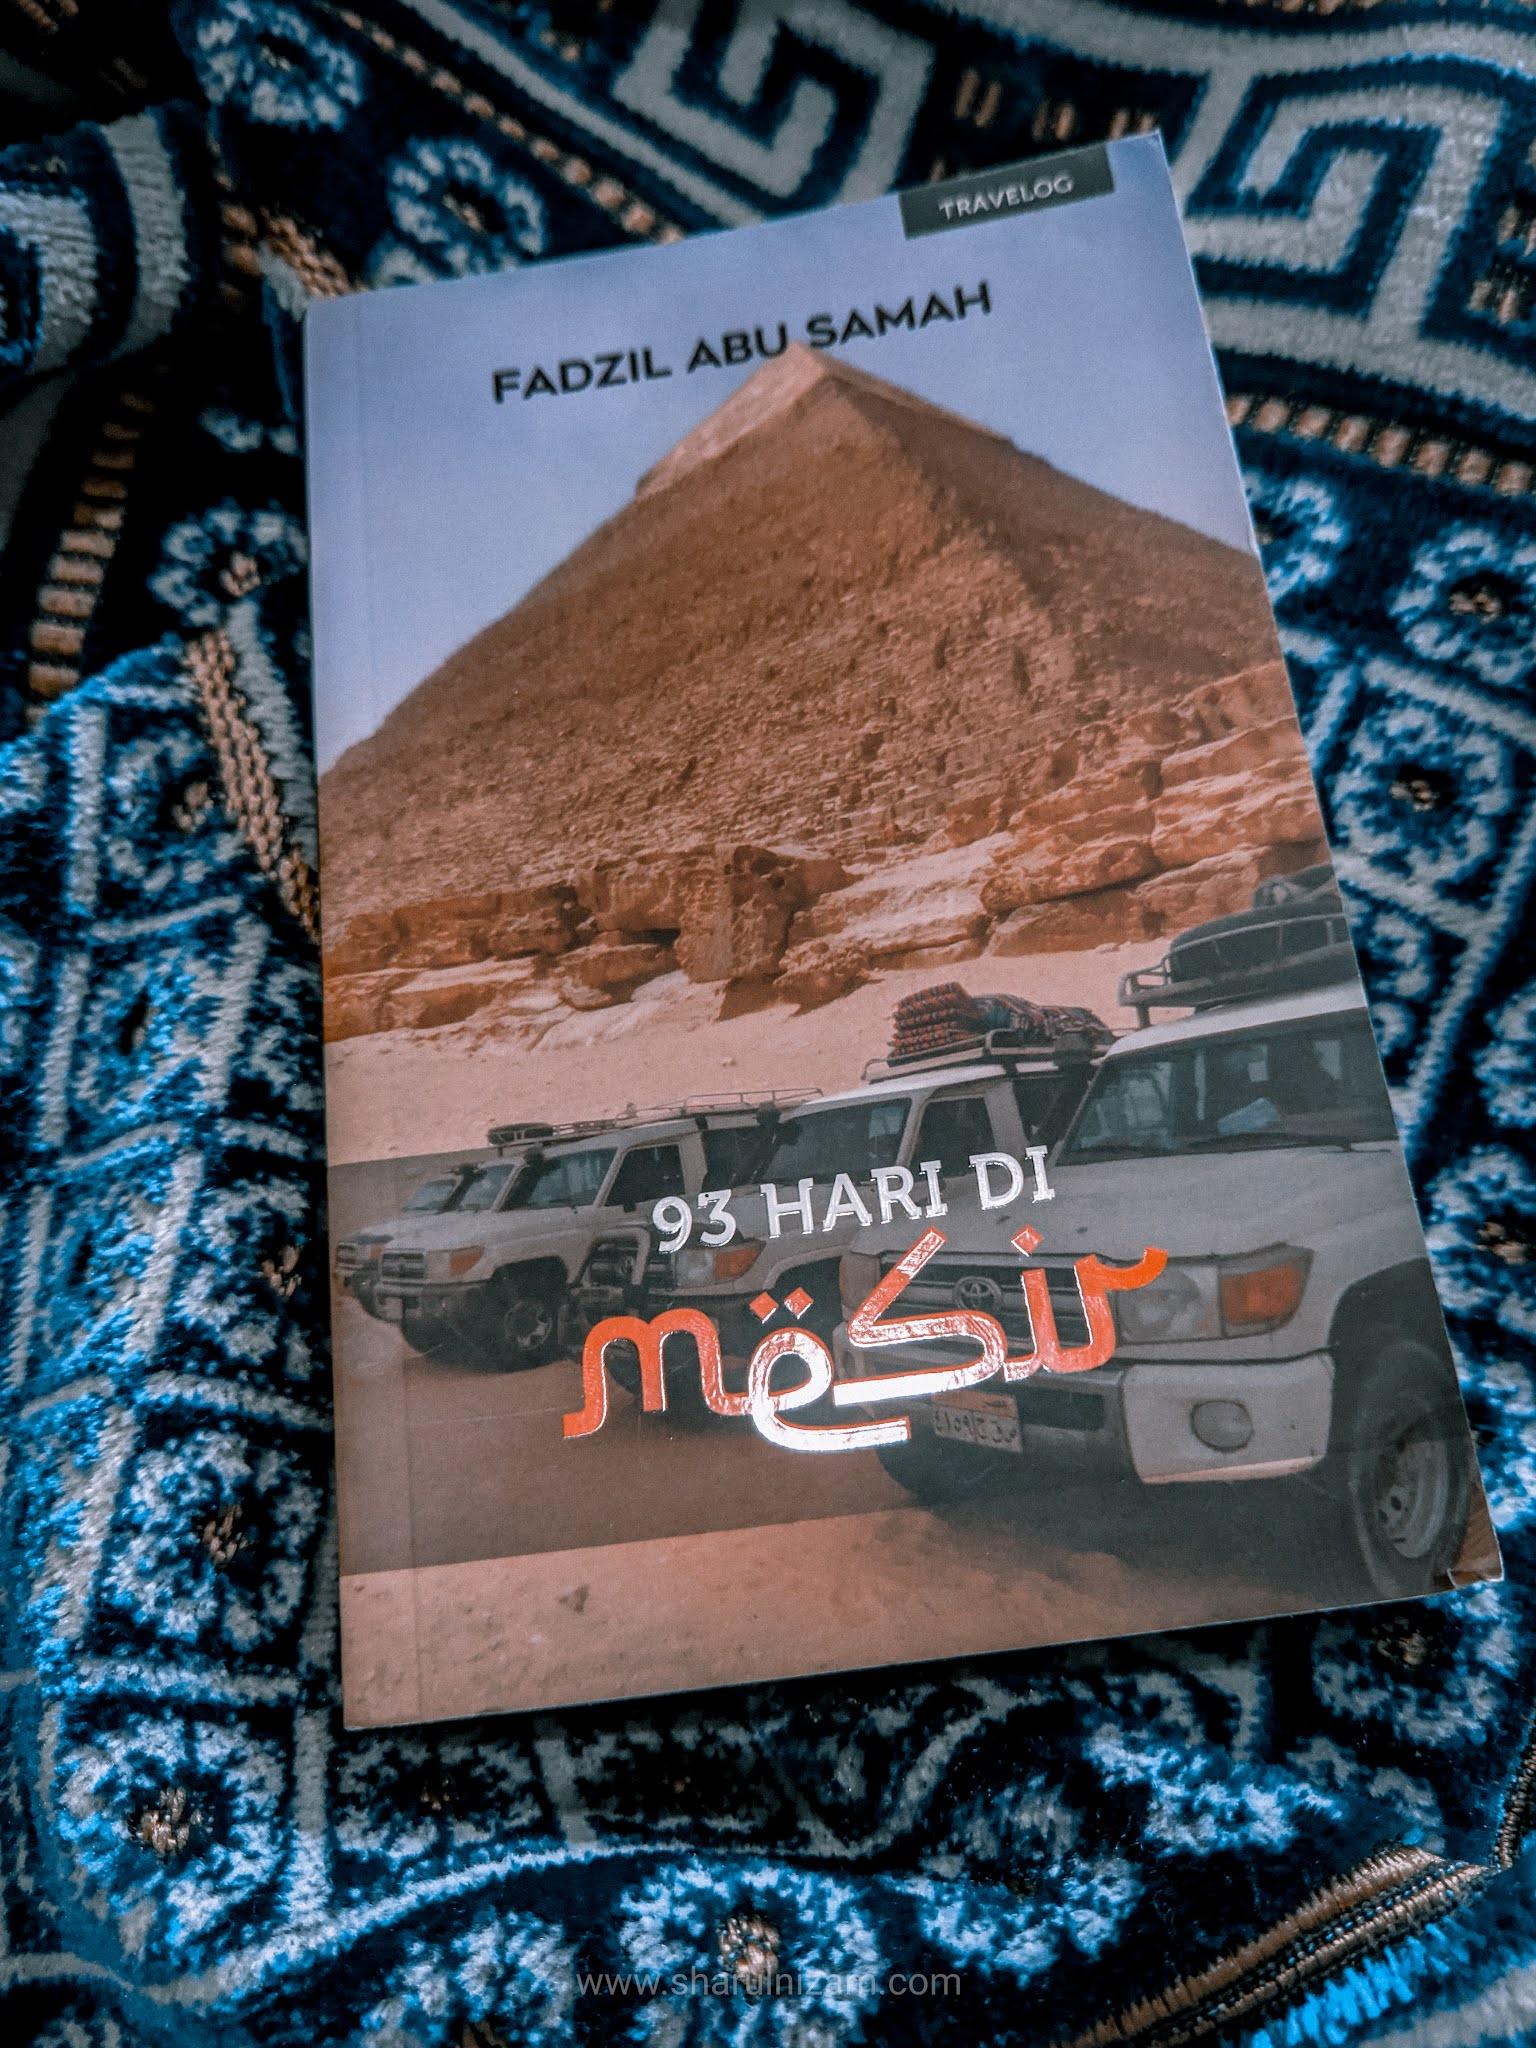 [Ulasan Buku] 93 Hari Di Mesir (oleh Fadzil Abu Samah)